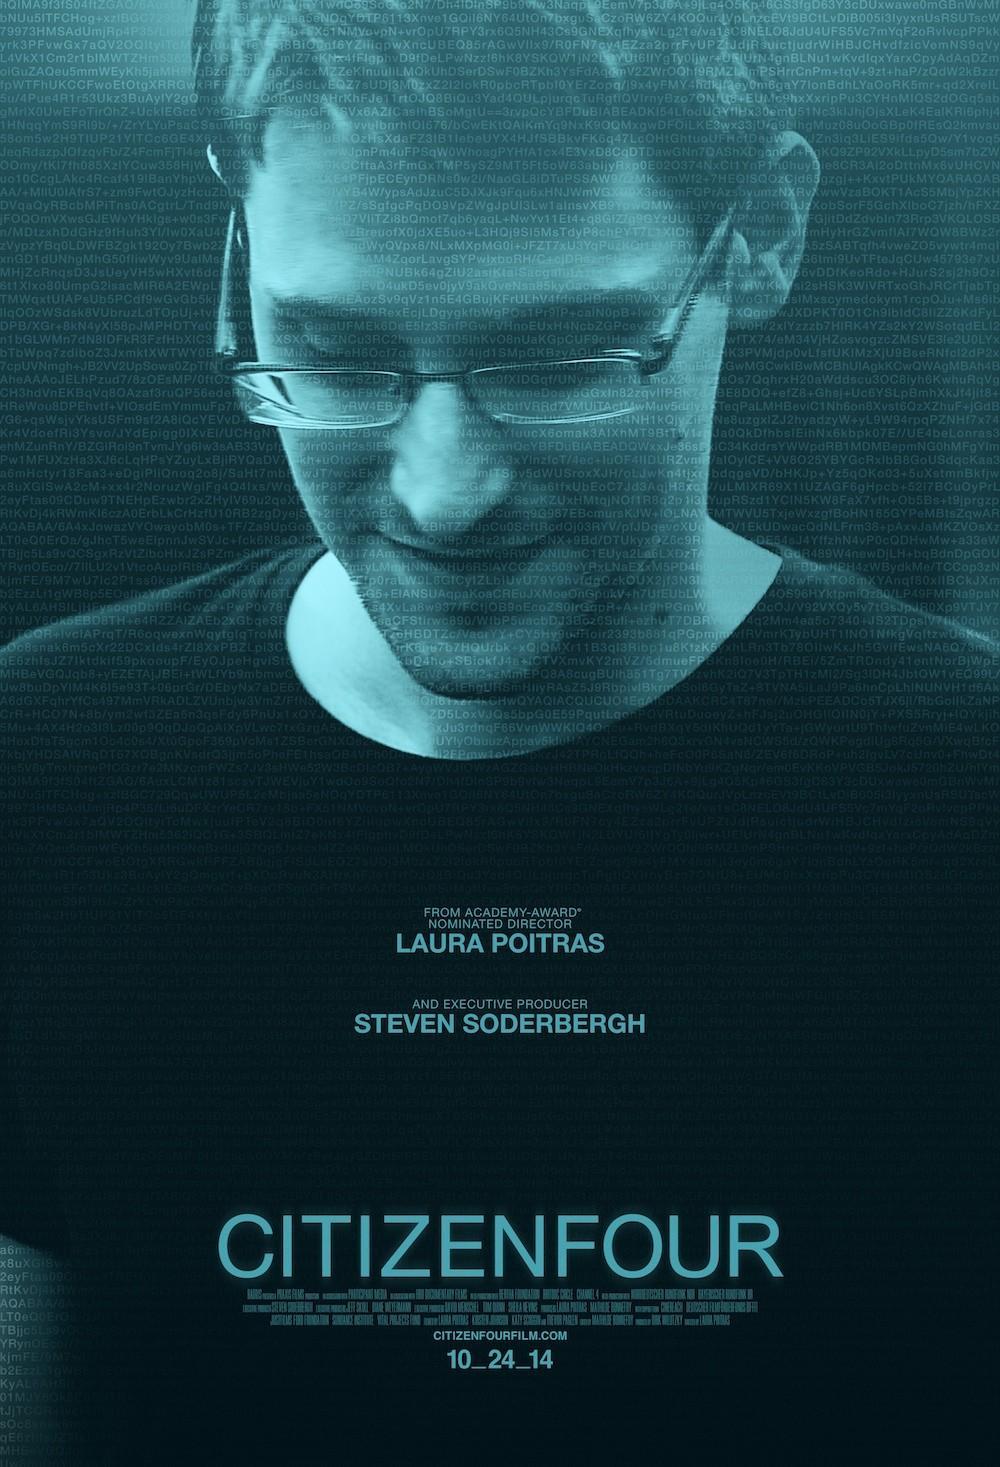 Citizenfour%202014.1 1 دانلود مستند Citizenfour 2014